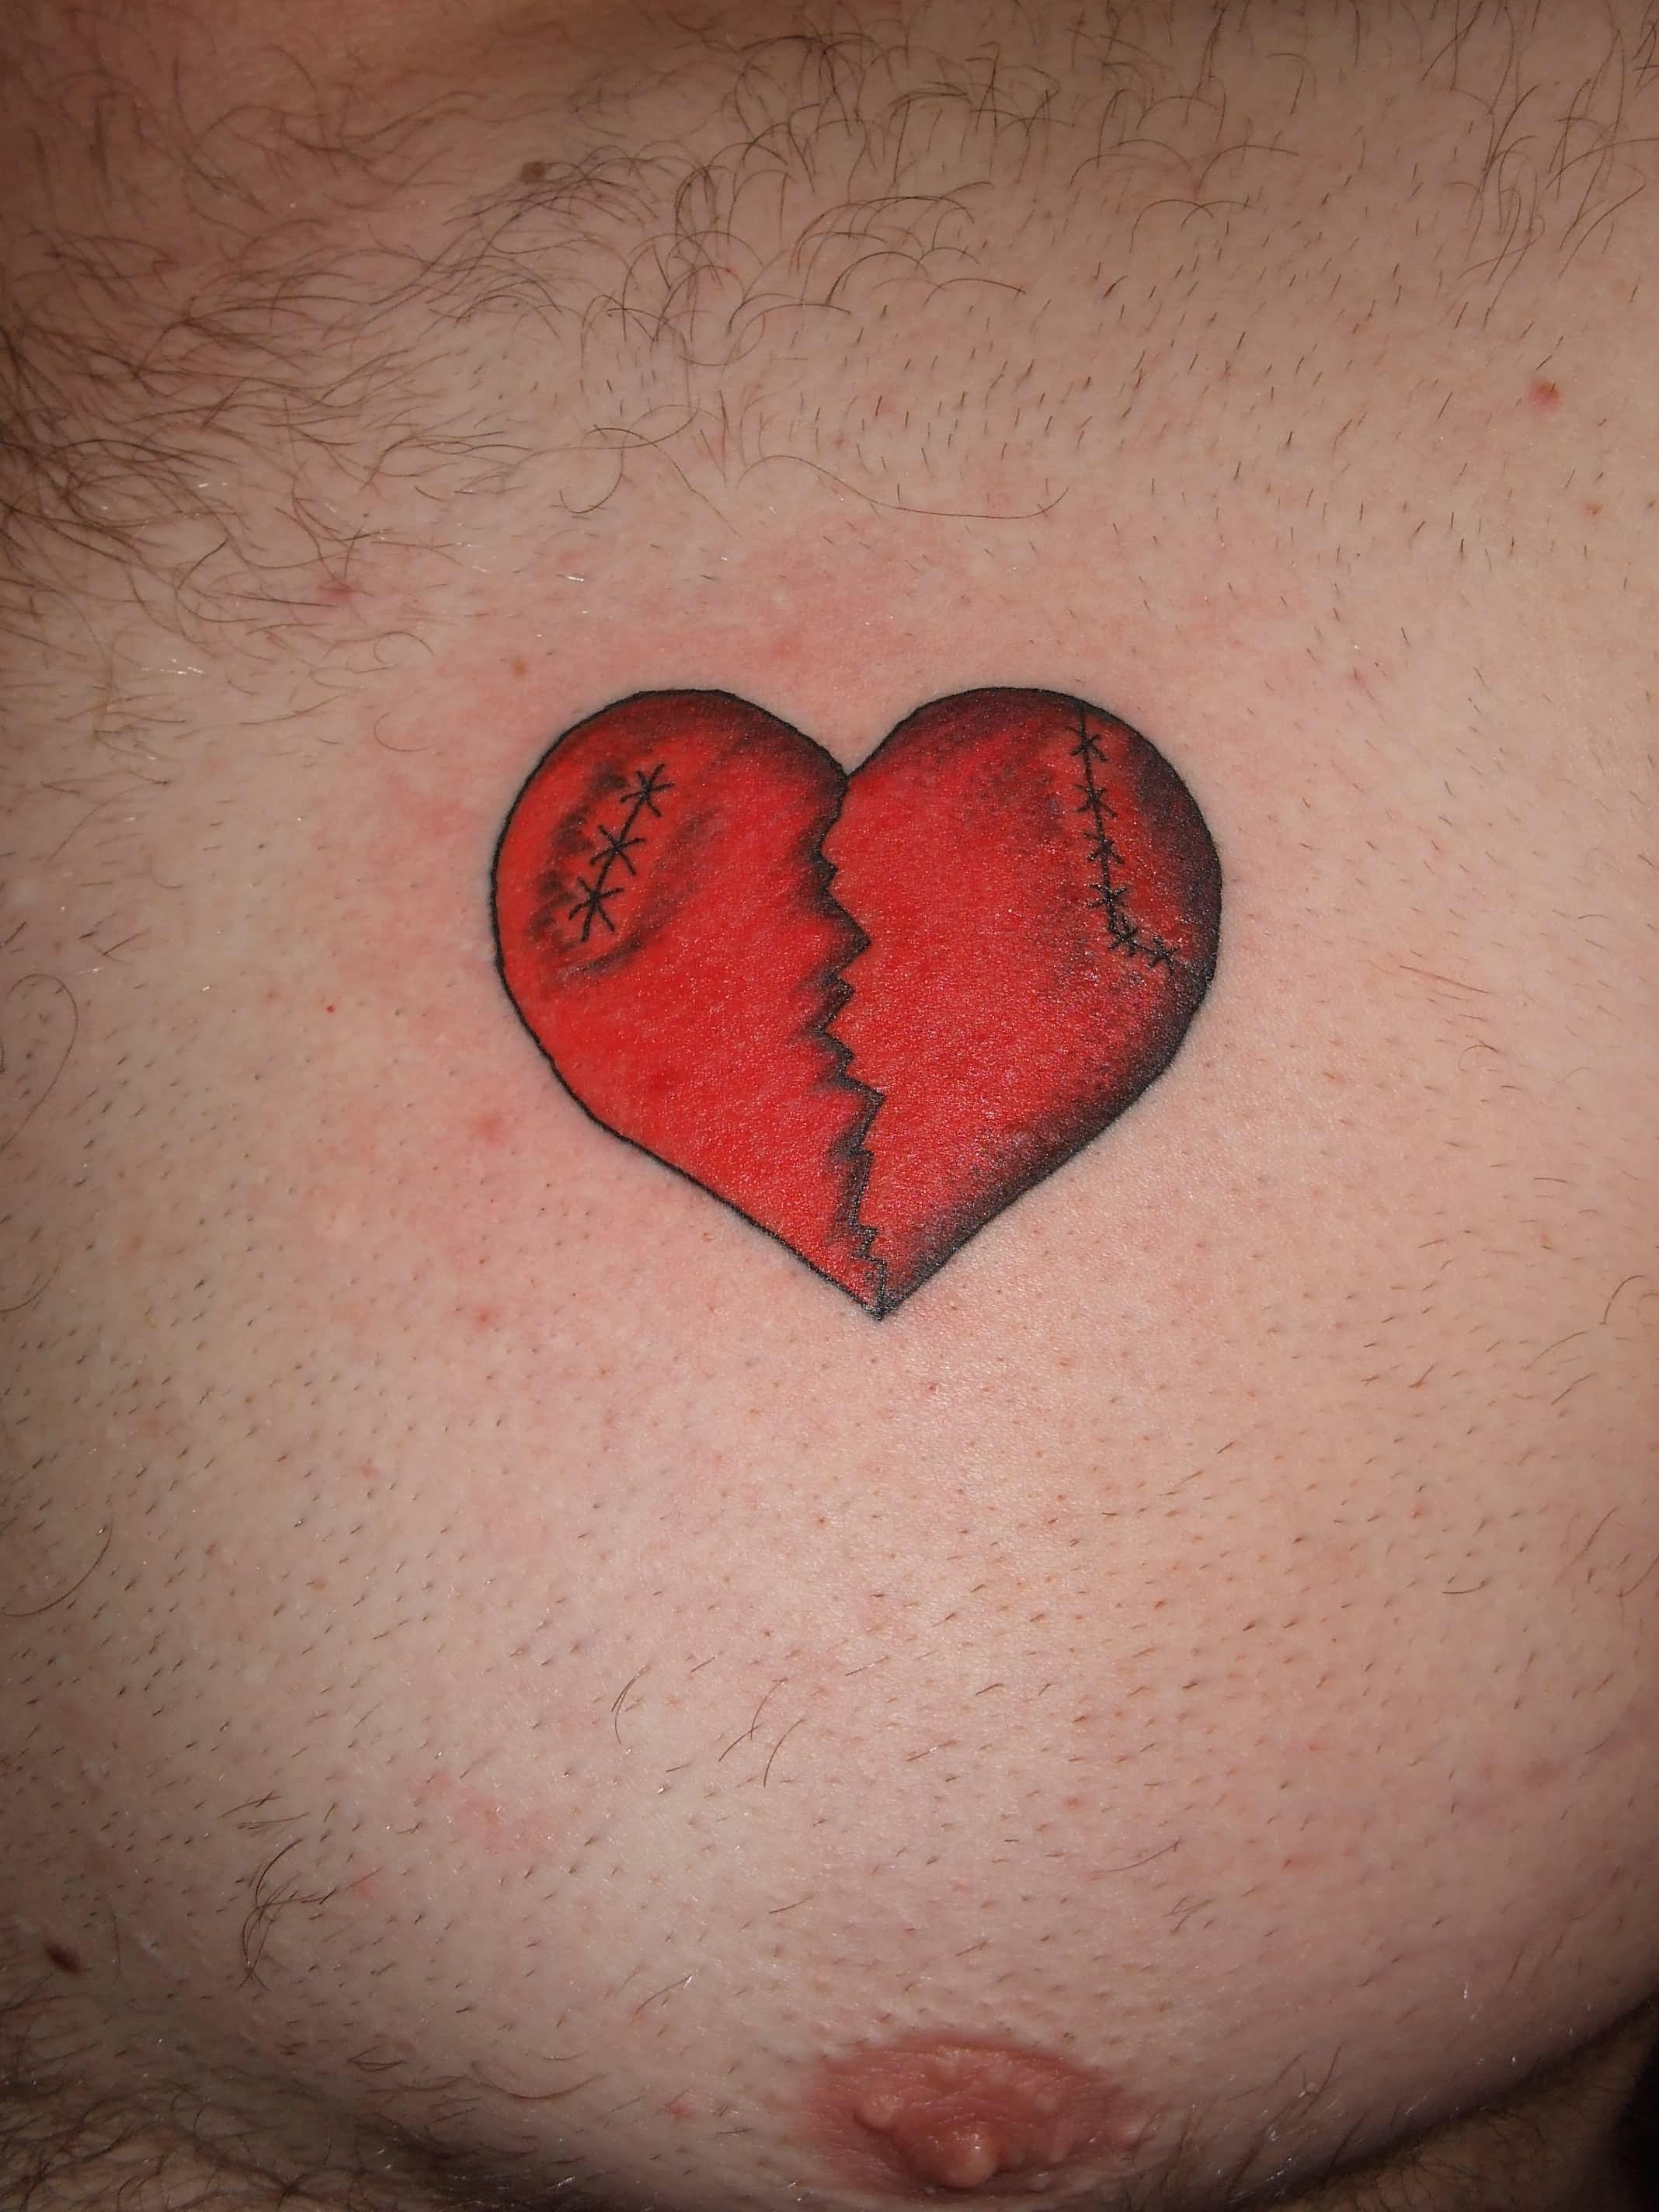 Red sewed broken heart tattoo on left chest for men